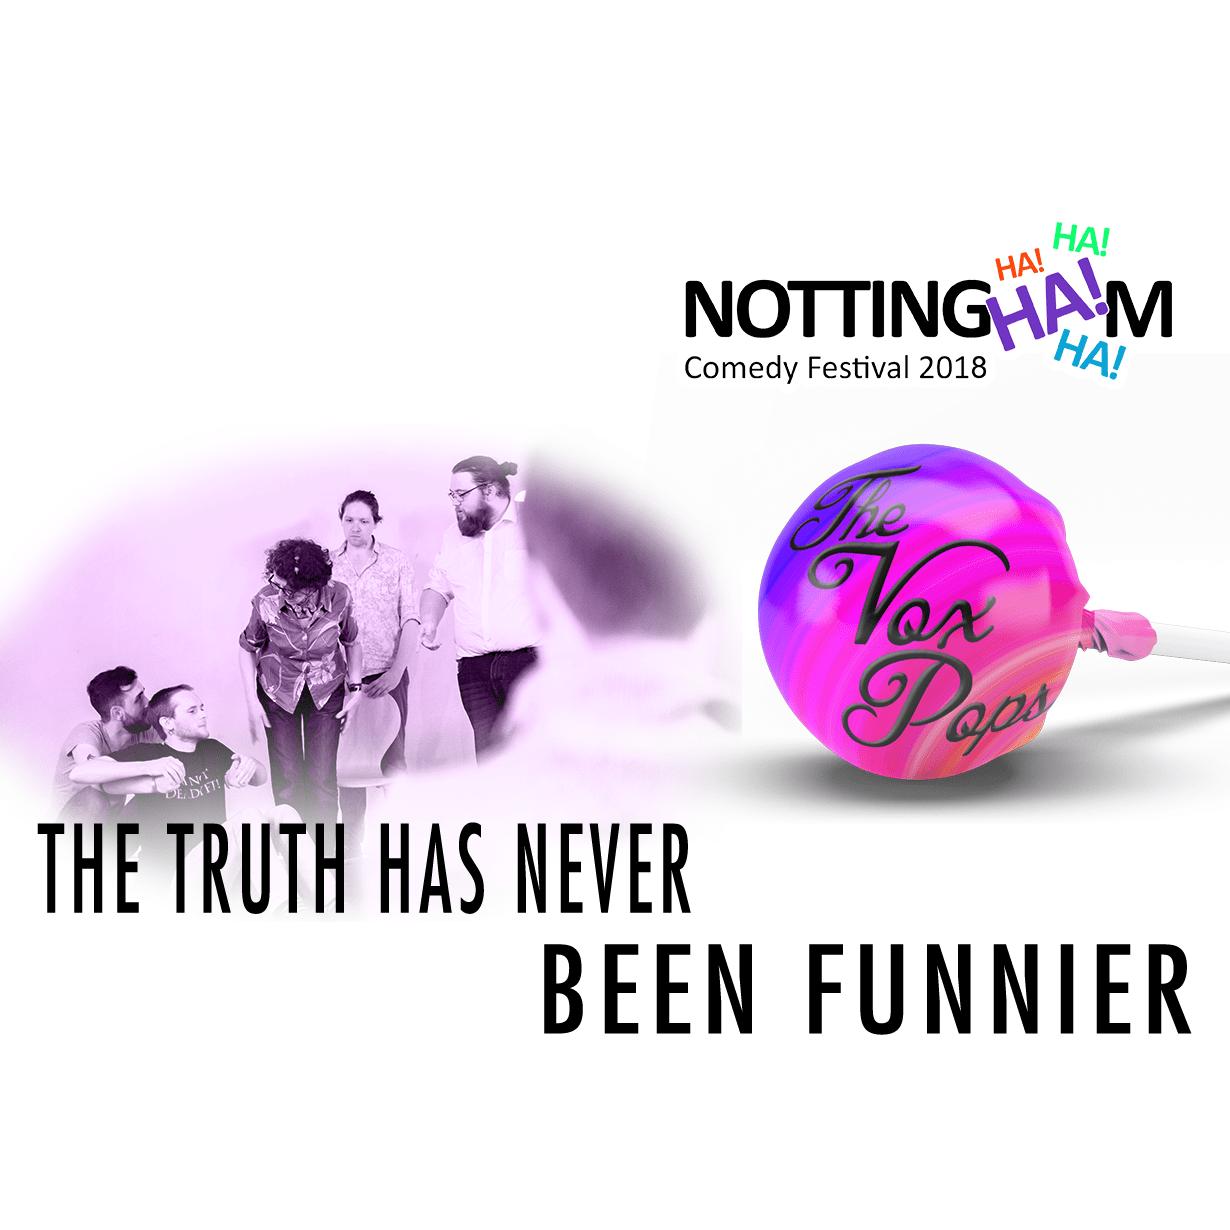 The Vox Pops at Nottingham Comedy Festival